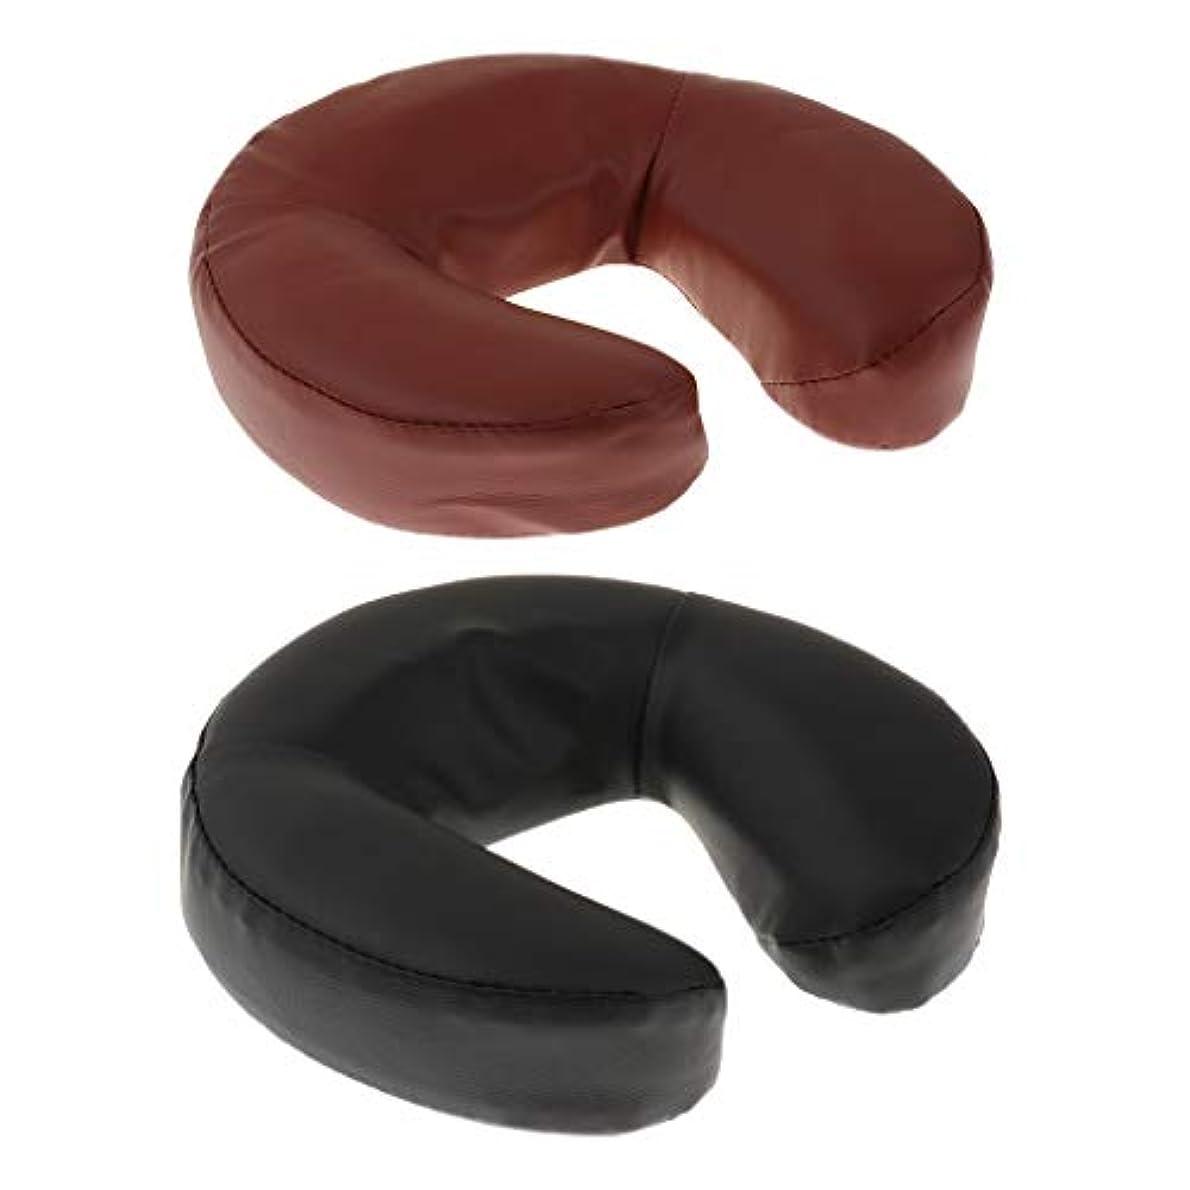 でも記念品両方マッサージ ベッドのベッド用 テーブル枕 クッション フォーム+ PUレザー 2個入り